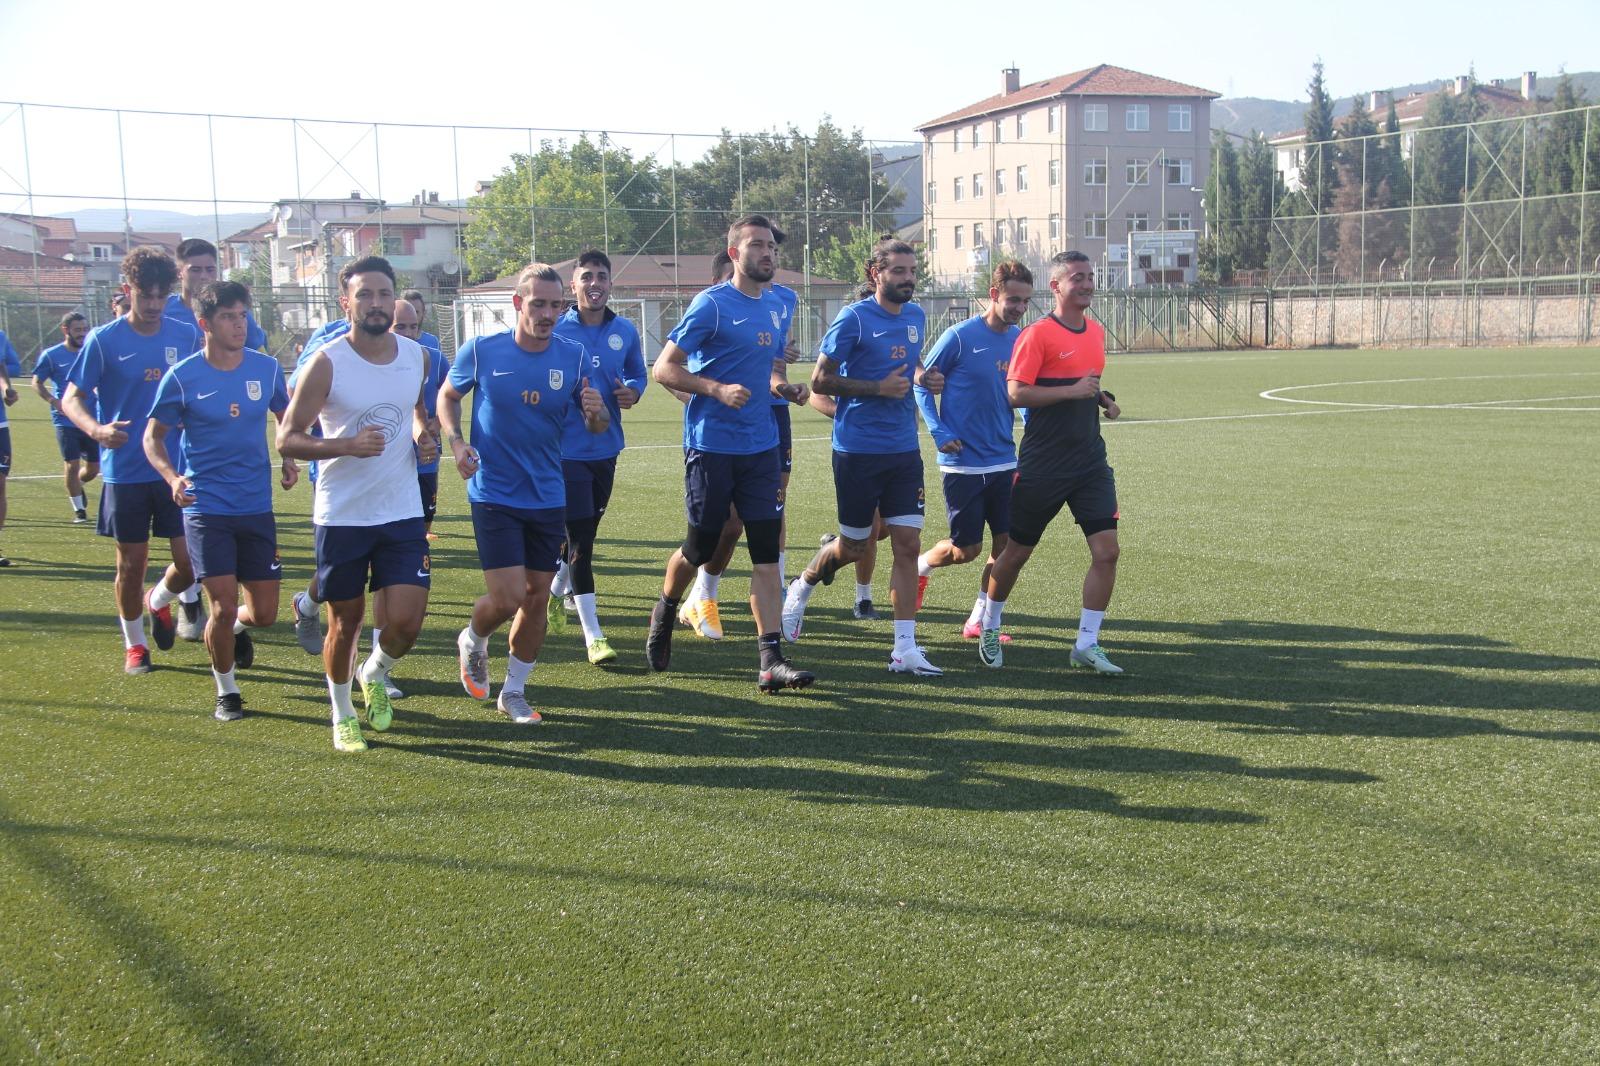 10 oyuncusu hasta olan takımın teknik direktörü: Kadroyu korona çıkarıyor